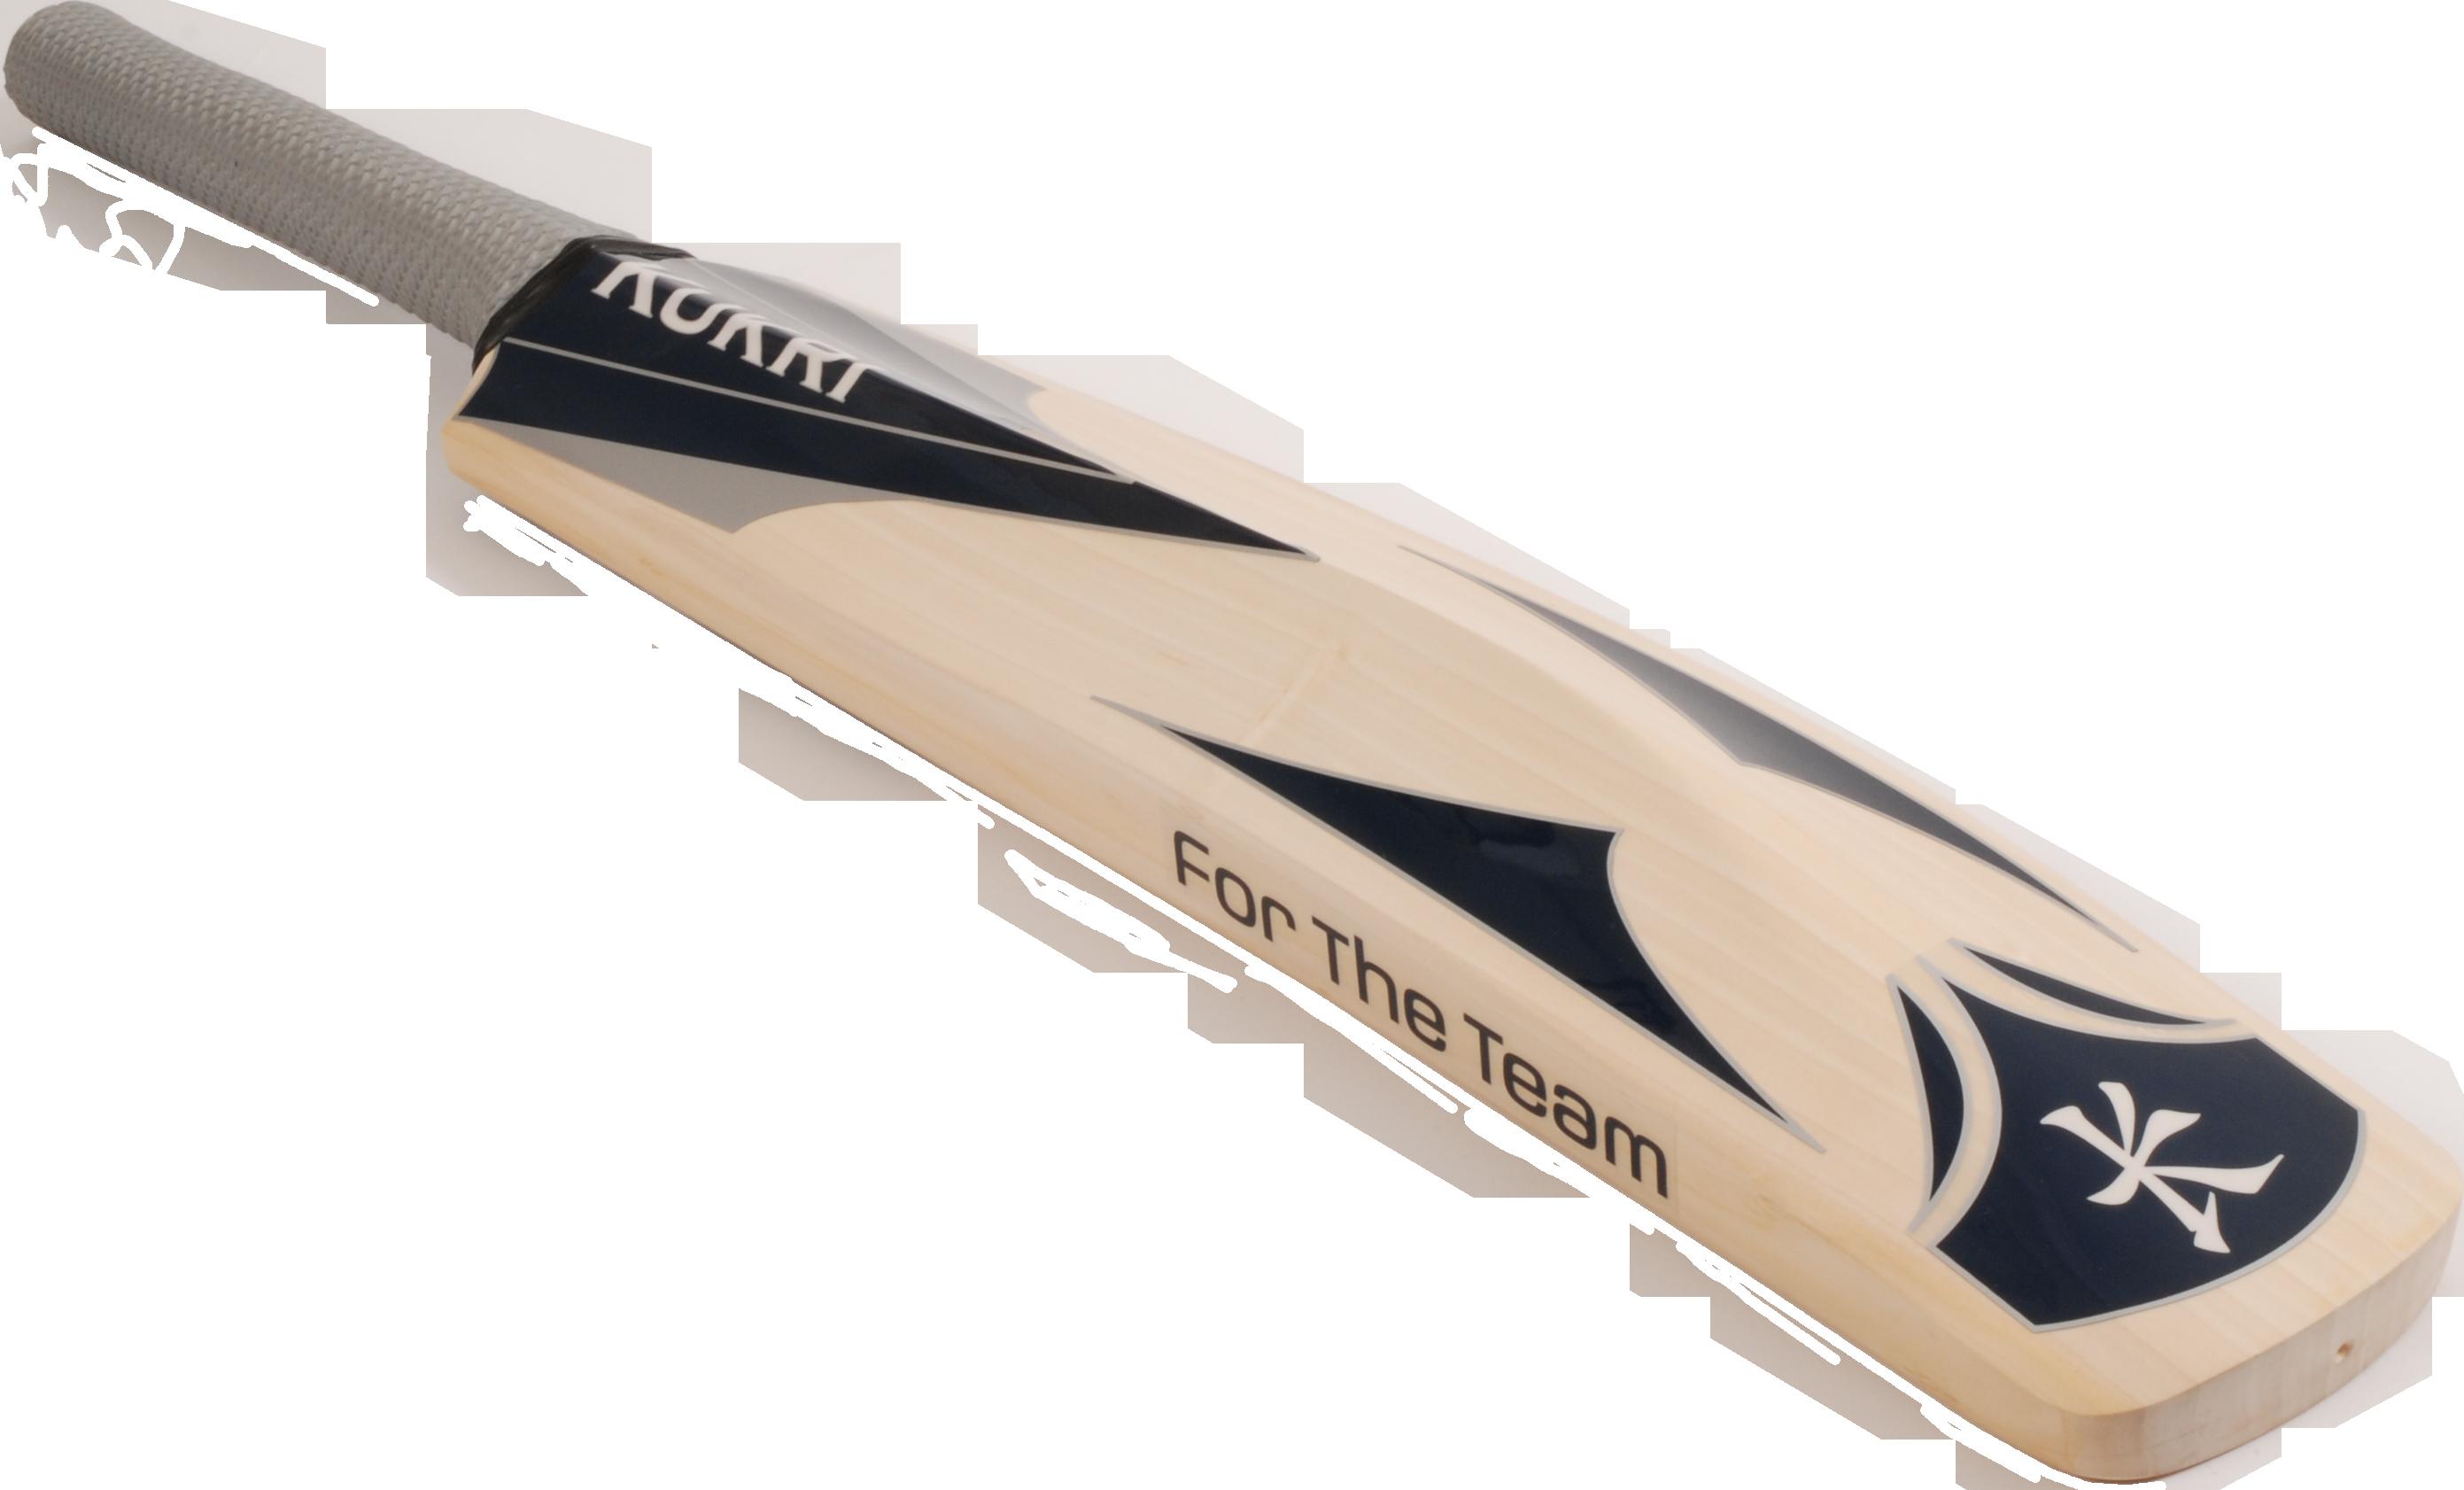 Cricket Bat PNG Free Download - Cricket Bat PNG HD